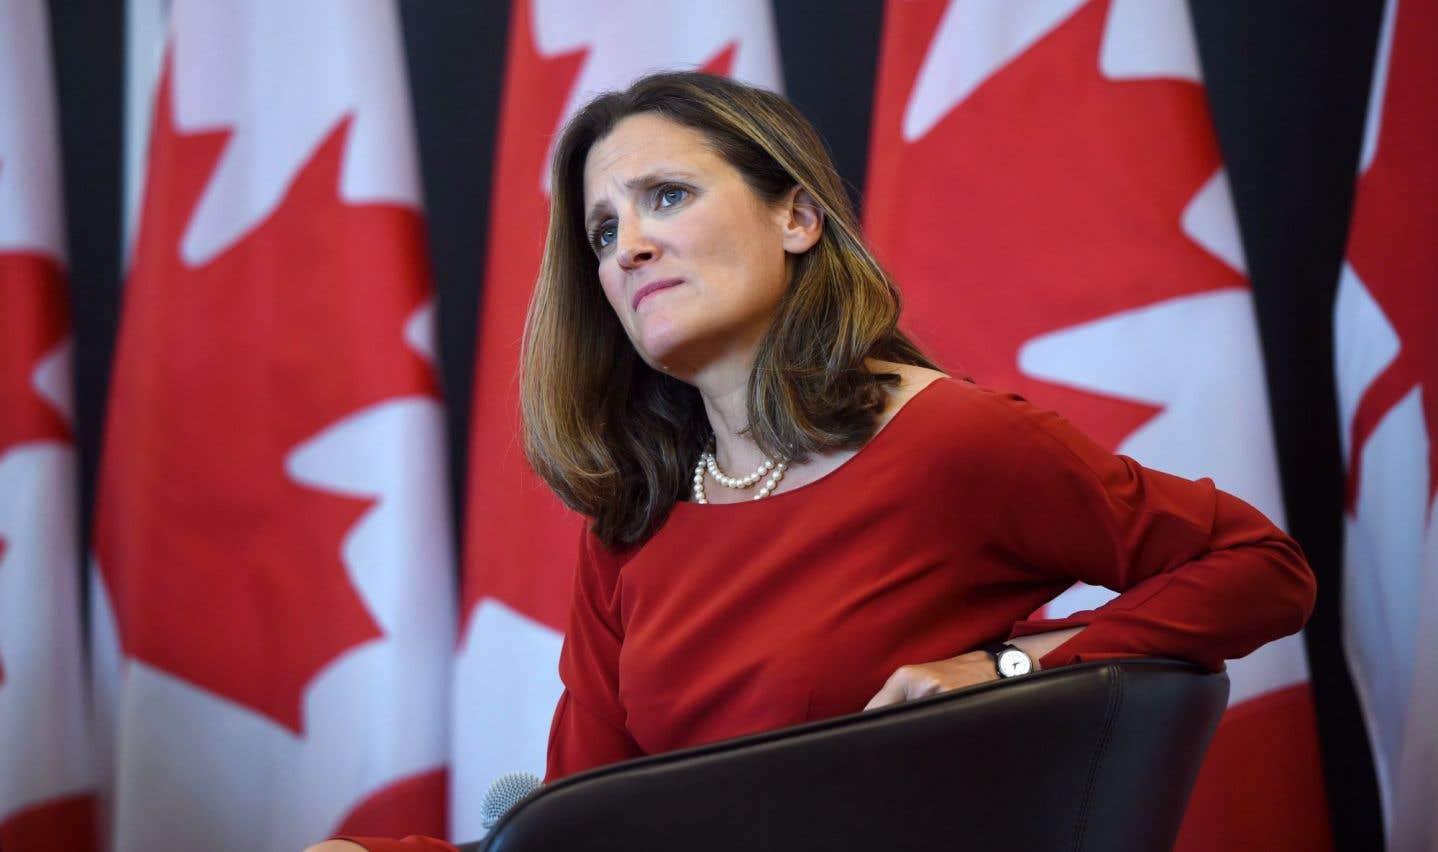 Les Canadiens coincés dans les Antilles bientôt rapatriés